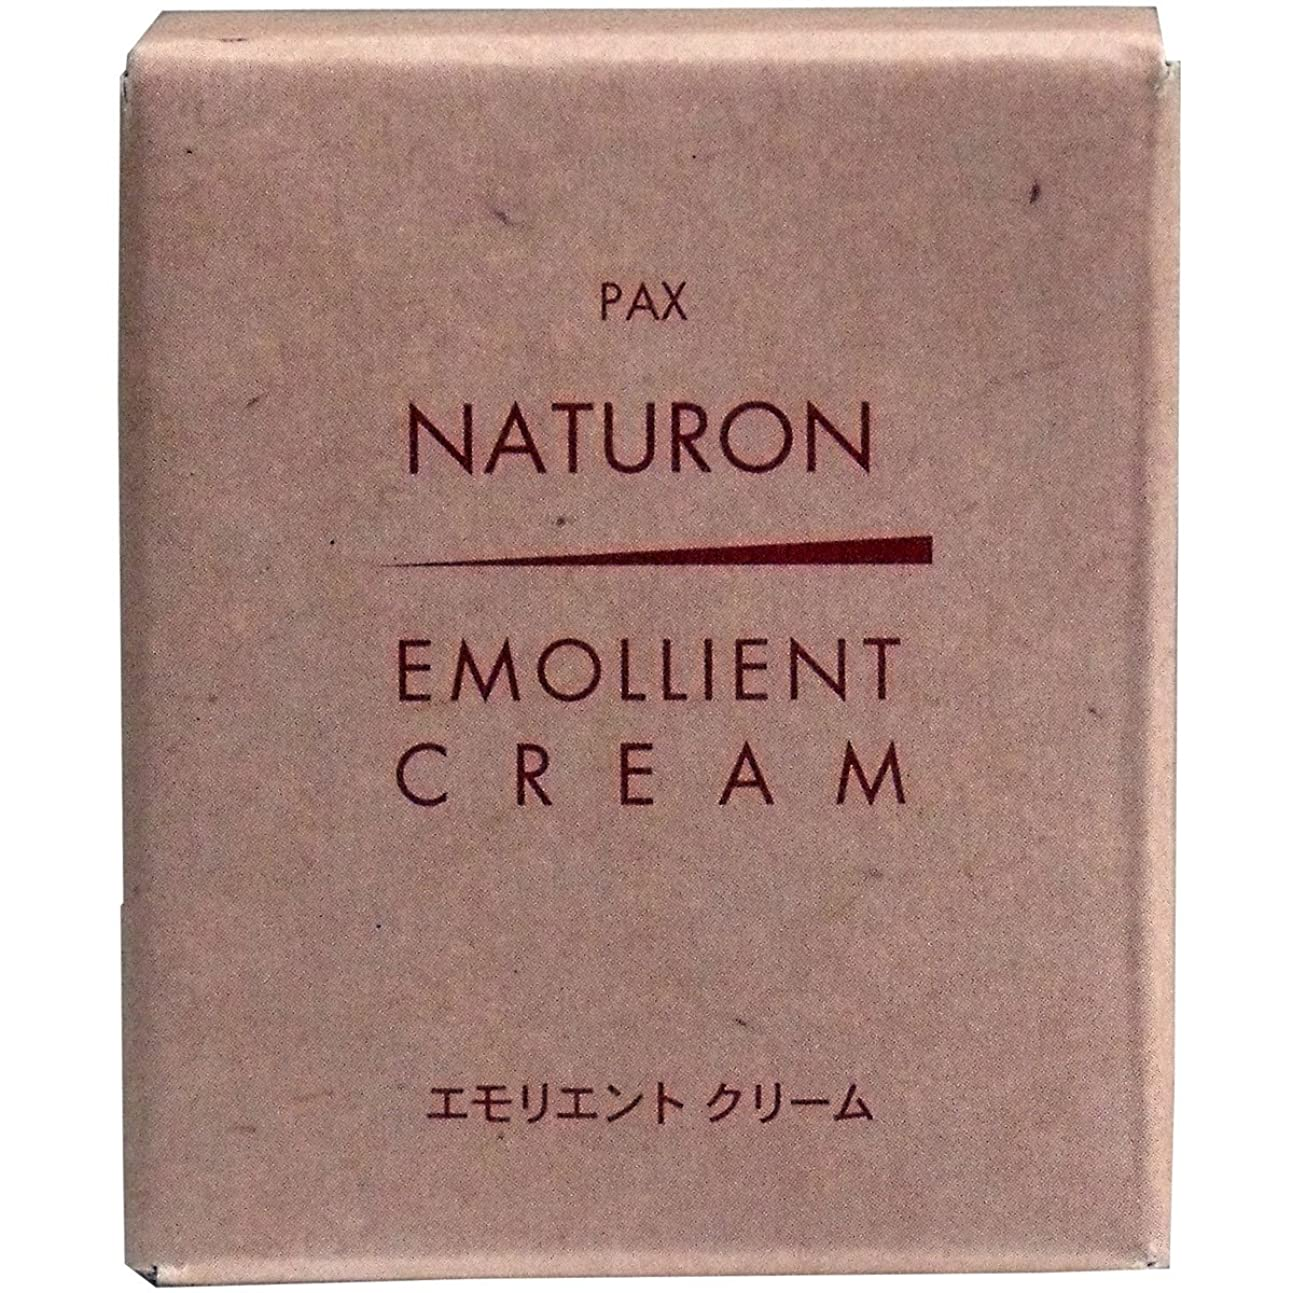 封筒ハム忙しい油分を補い、乾燥などから肌を守る!パックスナチュロン エモリエントクリーム 35g【4個セット】